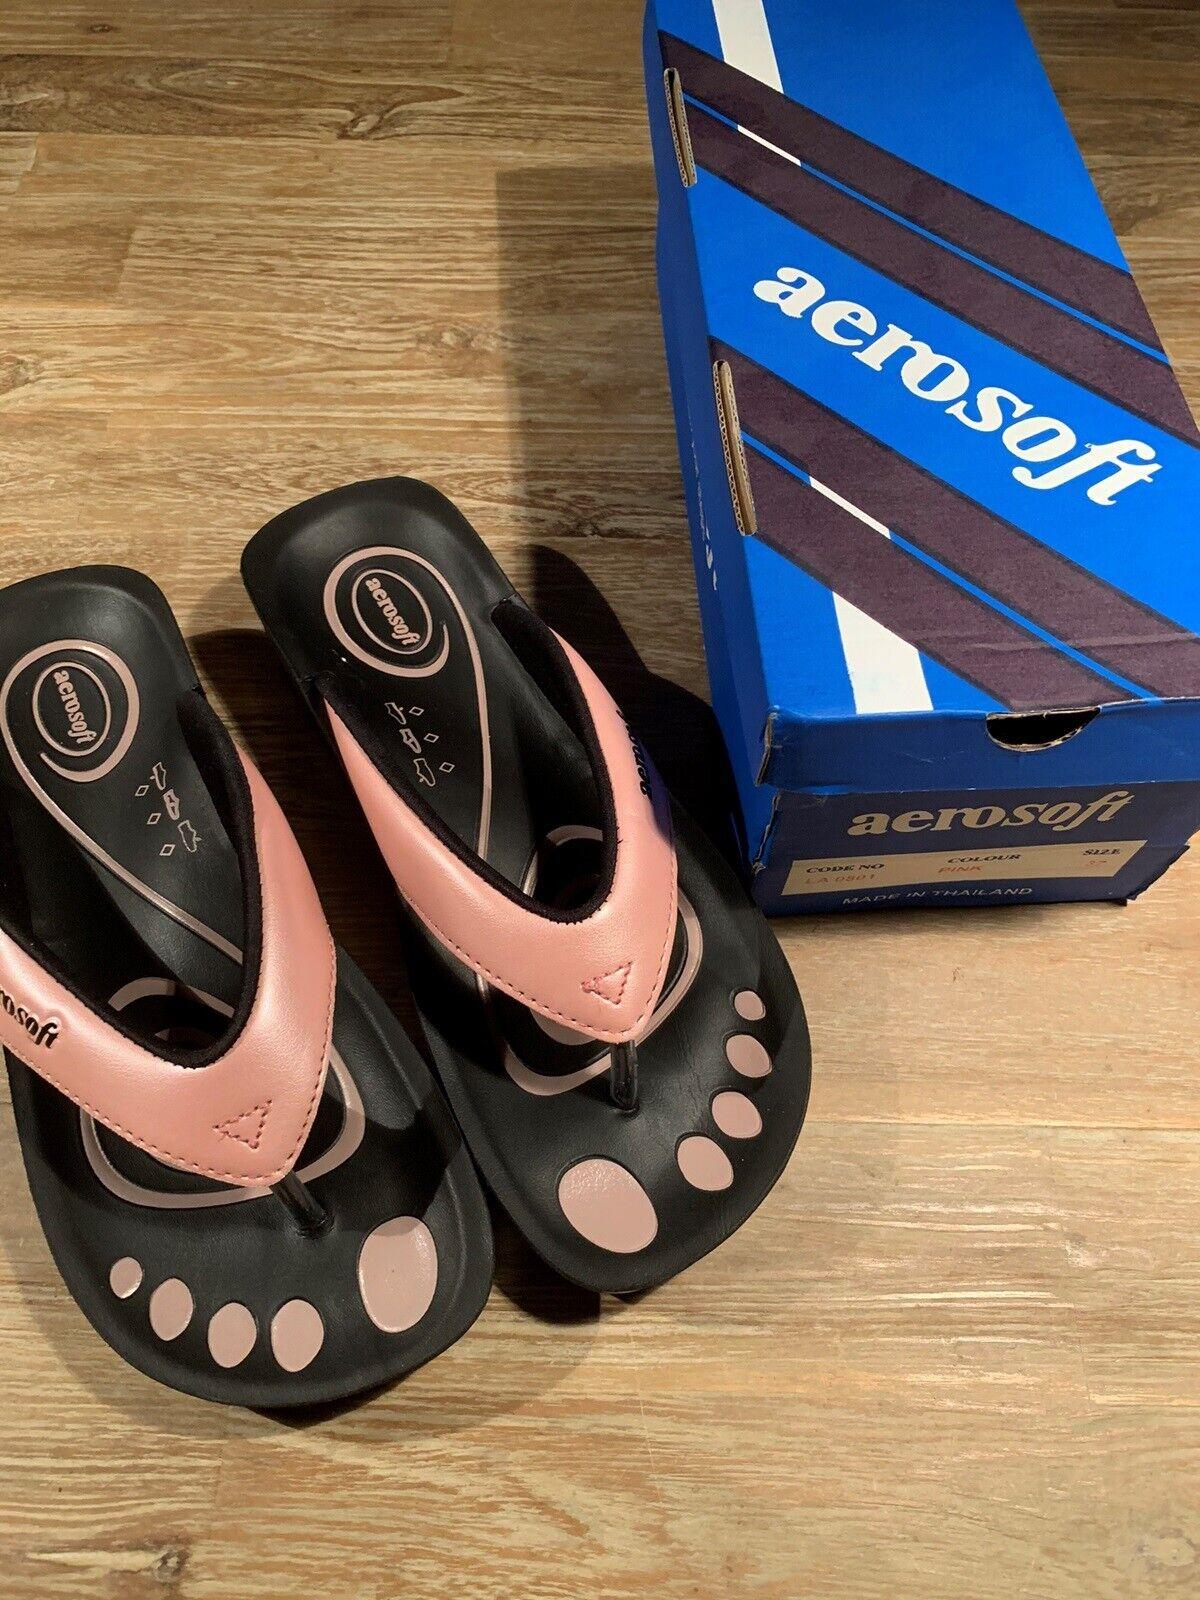 Sandaler, str. 37, Aerosoft, Pink, Ubrugt